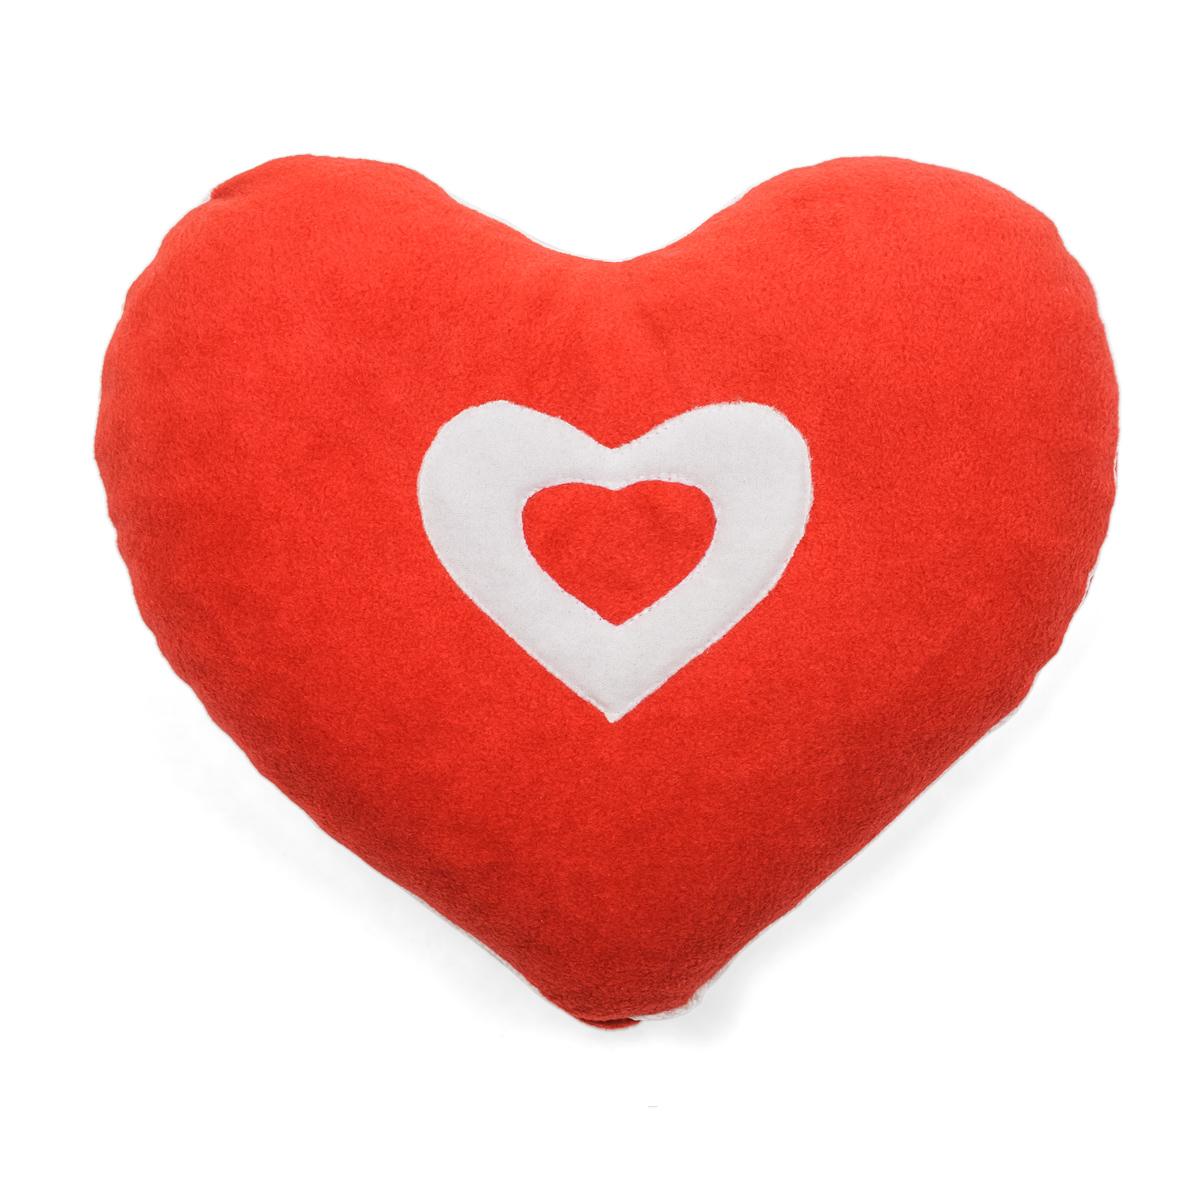 Подушка  Сердечко  р. 35х30х10 - Текстиль для здоровья артикул: 21806